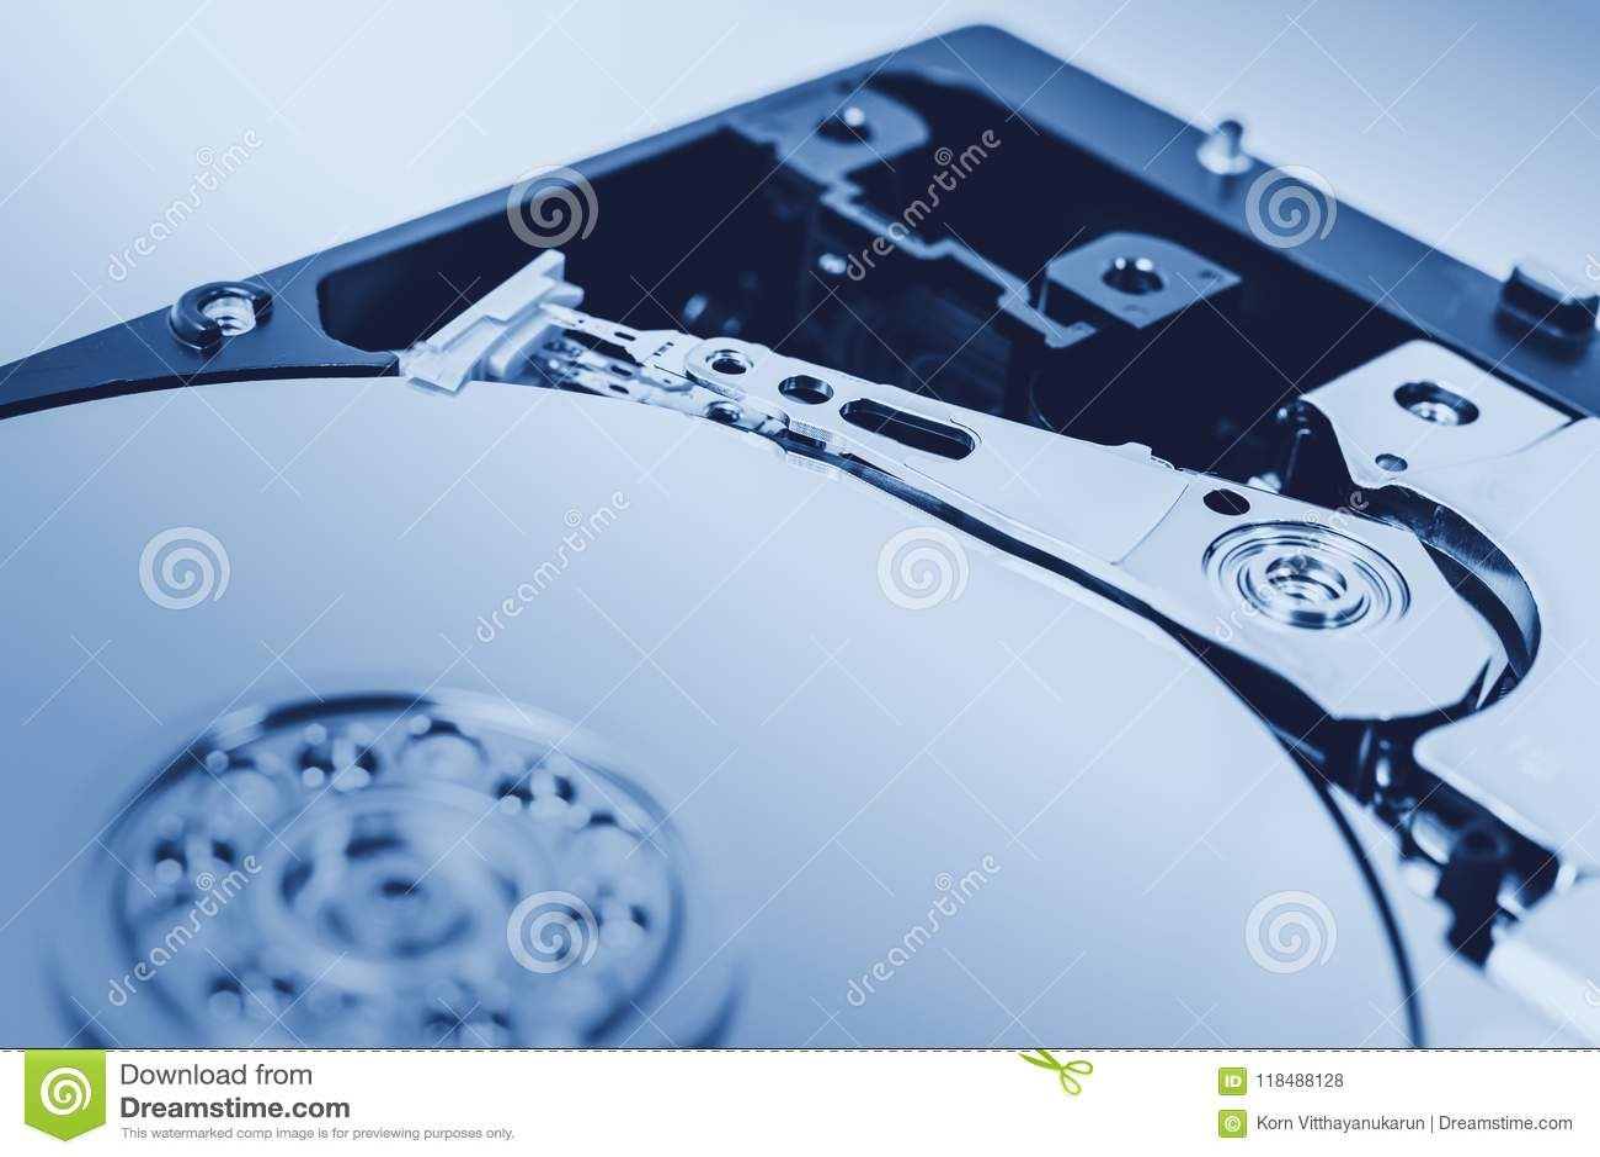 Tom azul da cor do close up da movimentação de disco rígido HDD do computador